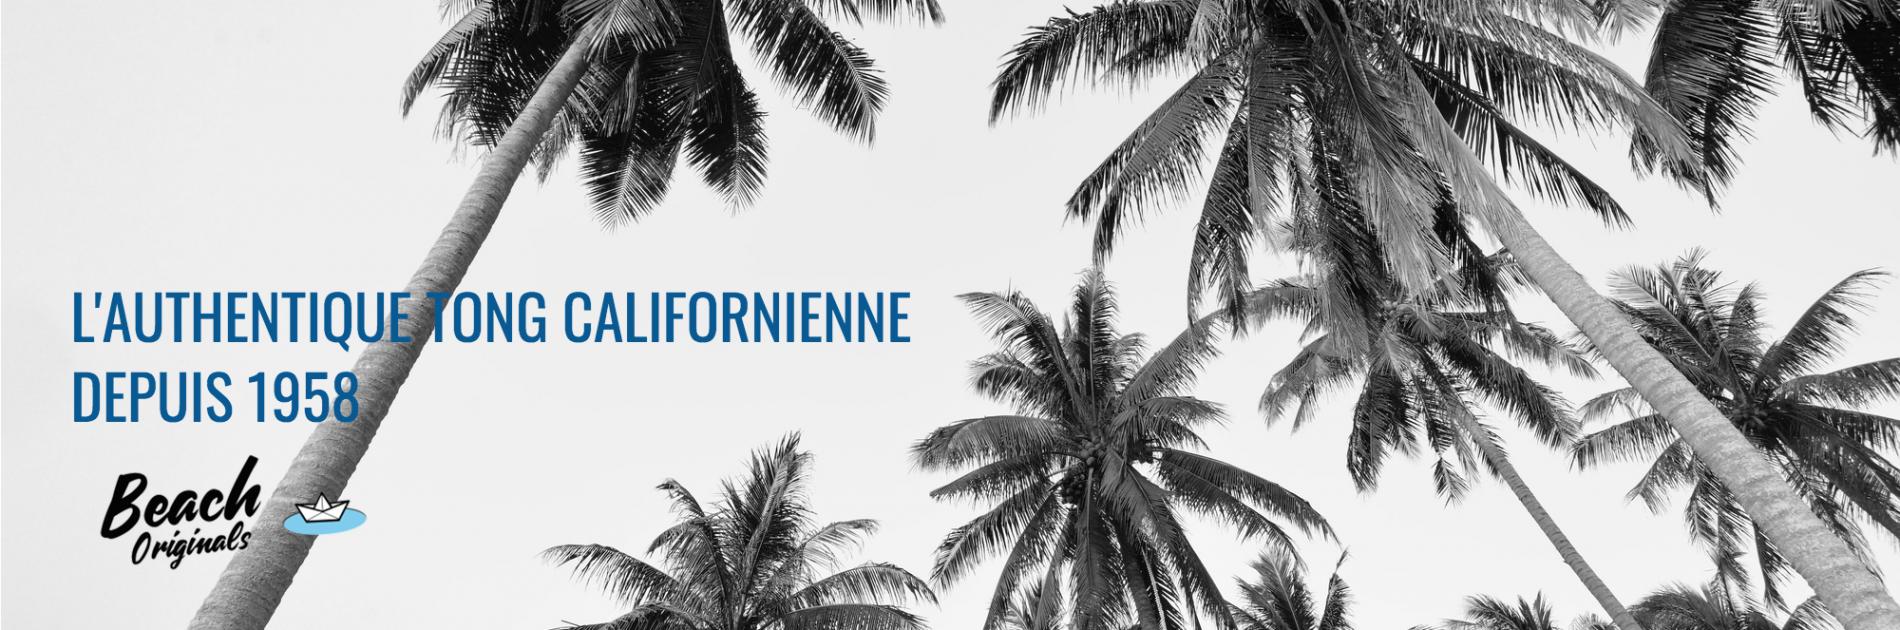 page d'accueil bureau Beach Originals sur fond de palmiers, texte couleur bleu original et logo